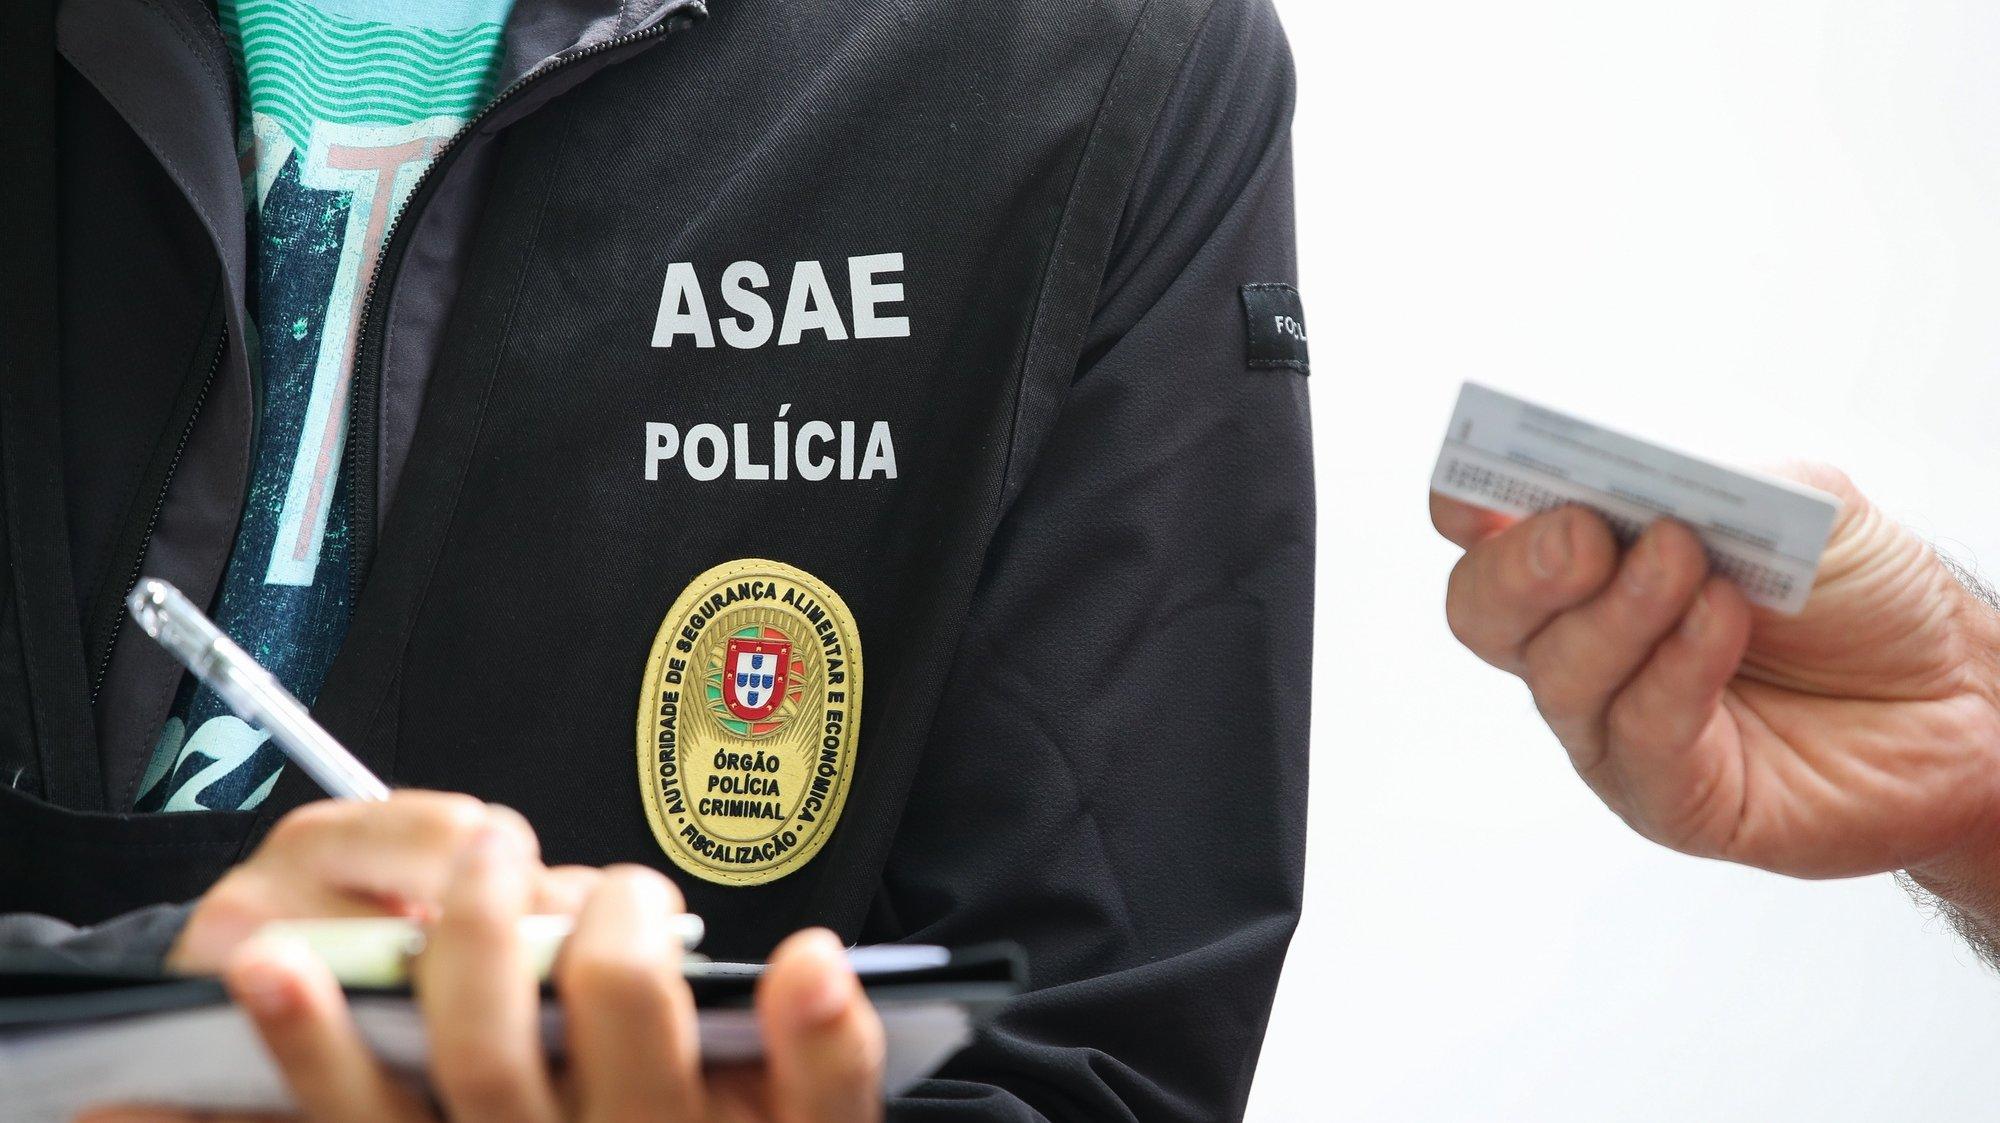 Um elemento da Autoridade de Segurança Alimentar e Económica (ASAE) durante uma operação nacional de fiscalização de transporte de mercadorias, em Coimbra, 17 de junho de 2021. PAULO NOVAIS/LUSA